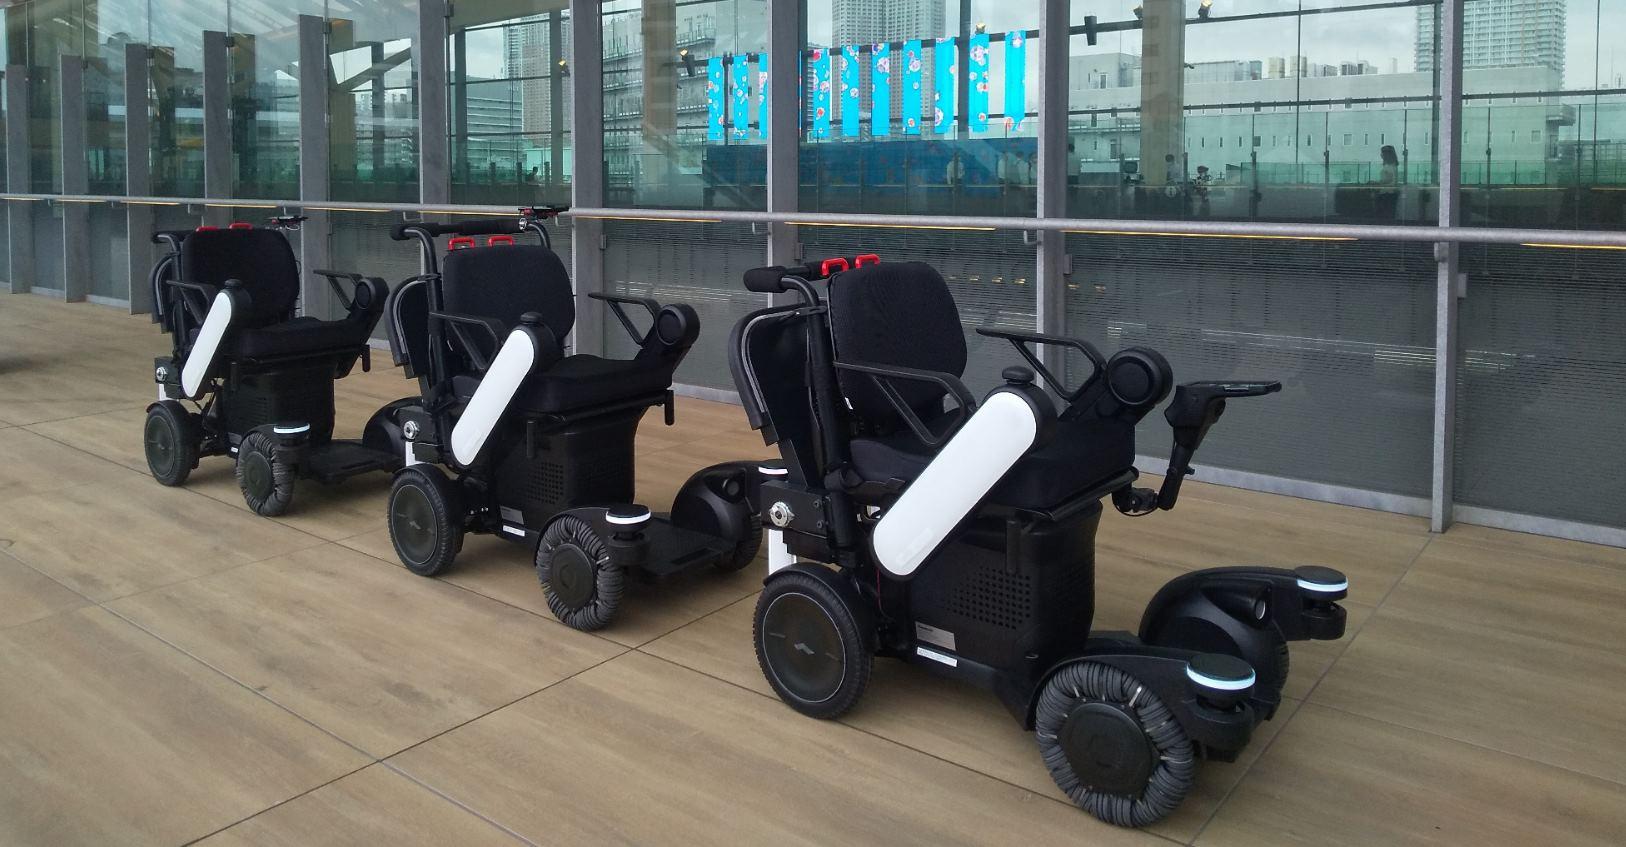 Panasonic prueba robots autónomos que nos seguirán en los aeropuertos